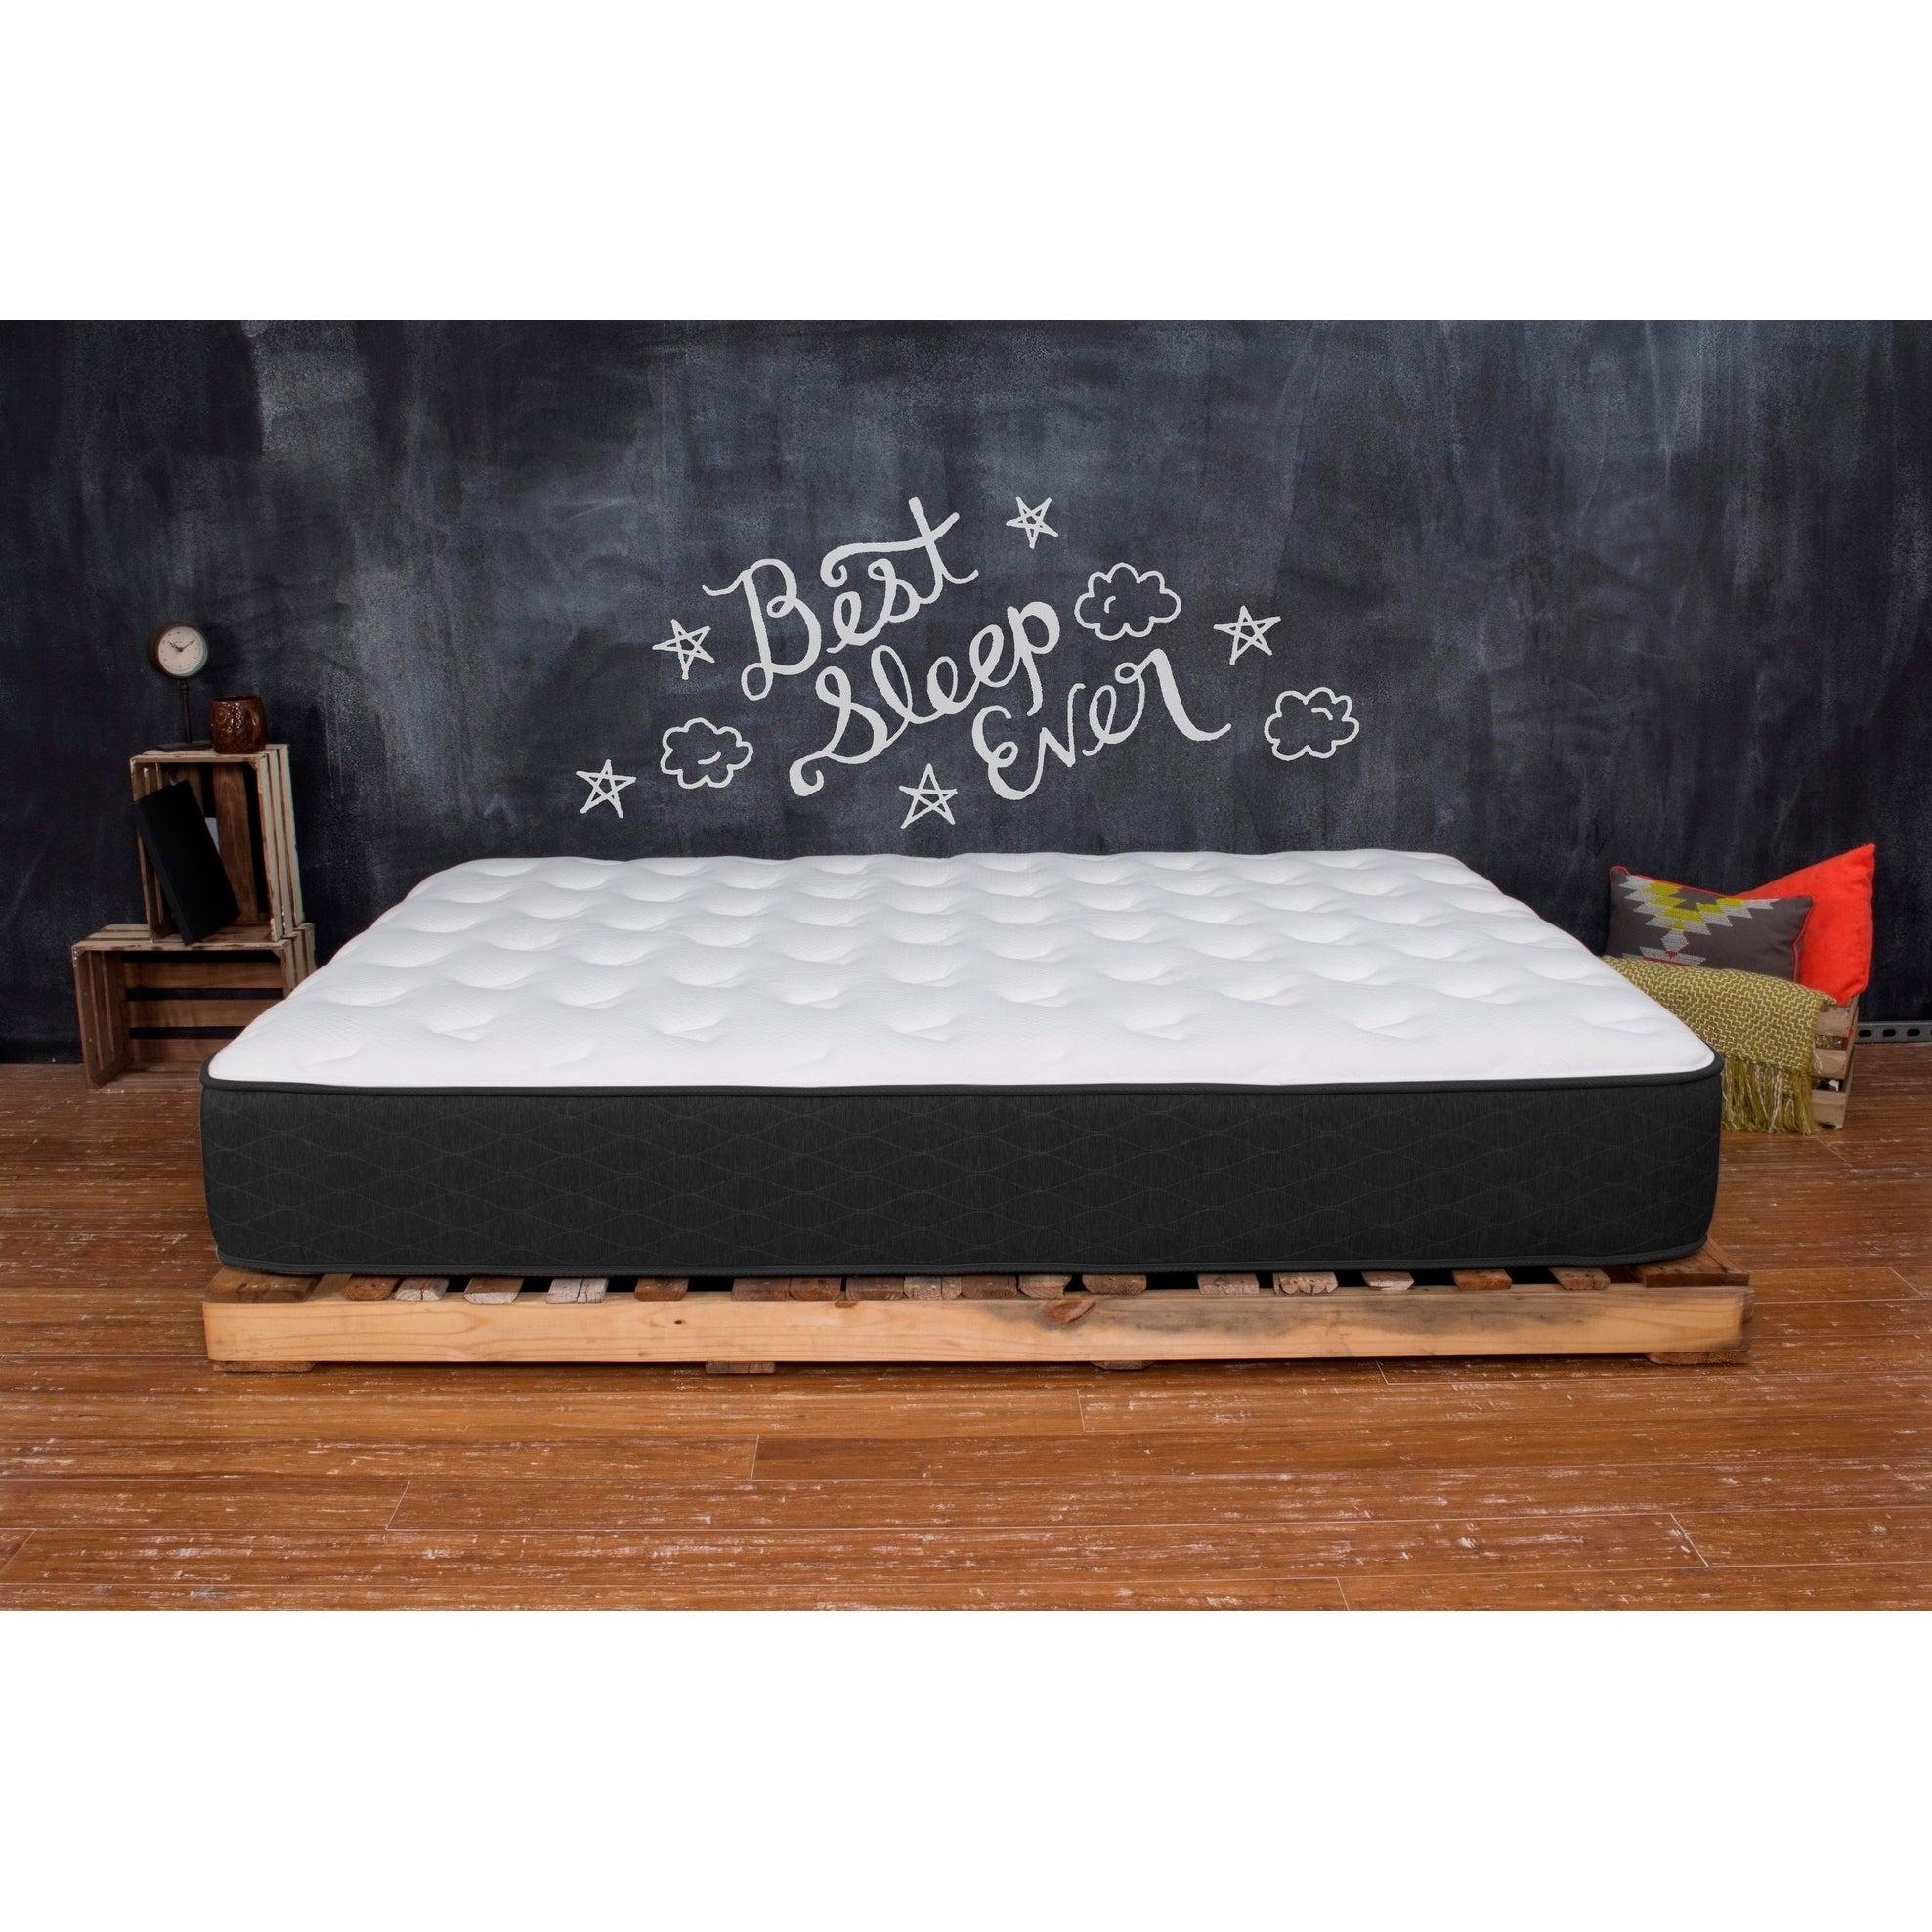 Shop Best Innerspring Mattress 10 Twin Xl Mattress Medium Firm Sleep Bed In A Box Overstock 20900925